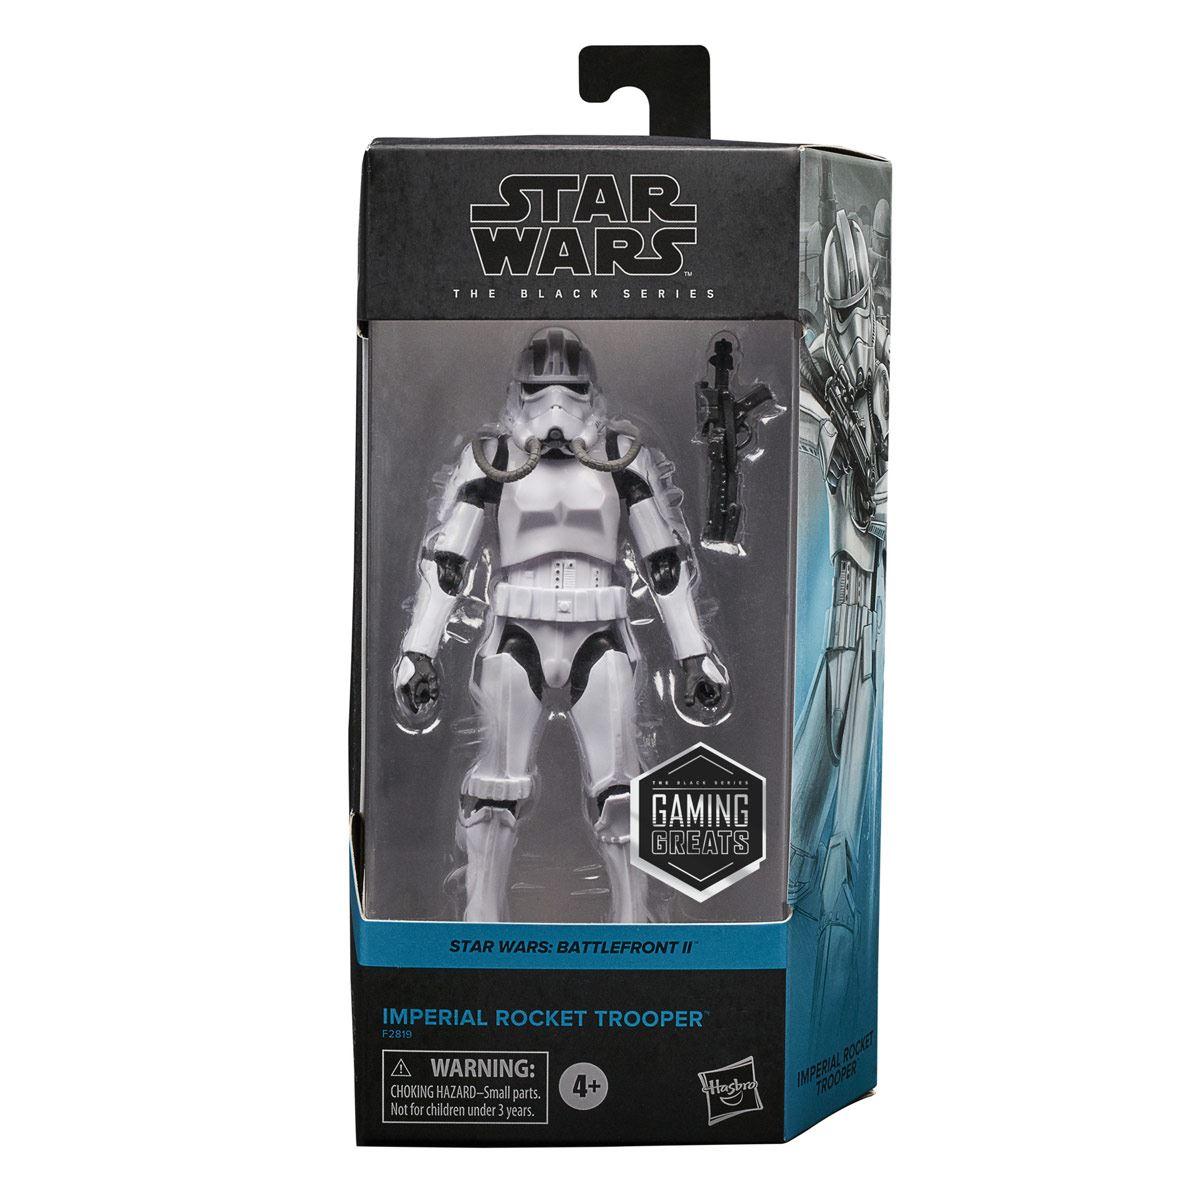 Star Wars The Black Series Gaming Greats - Imperial Rocket Trooper